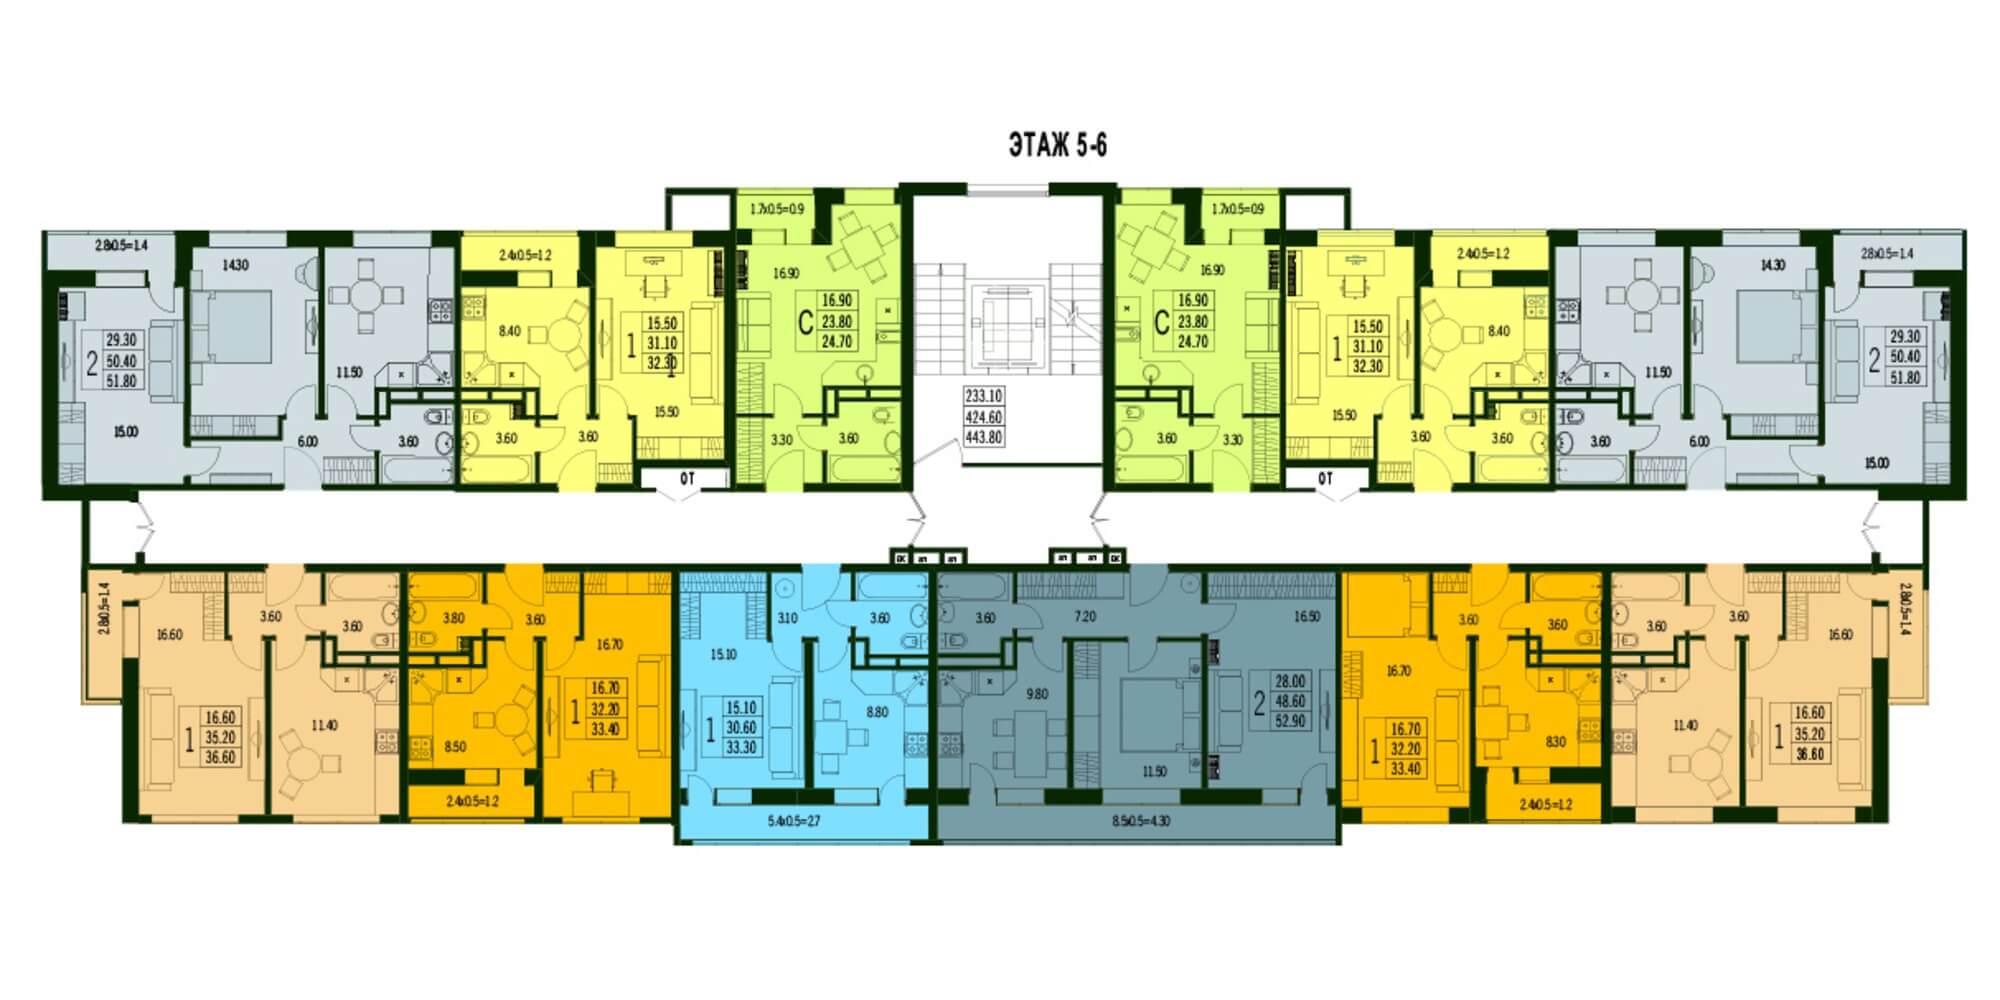 планировки 5-6 этаж ЖК Марсель 2 в Краснодаре